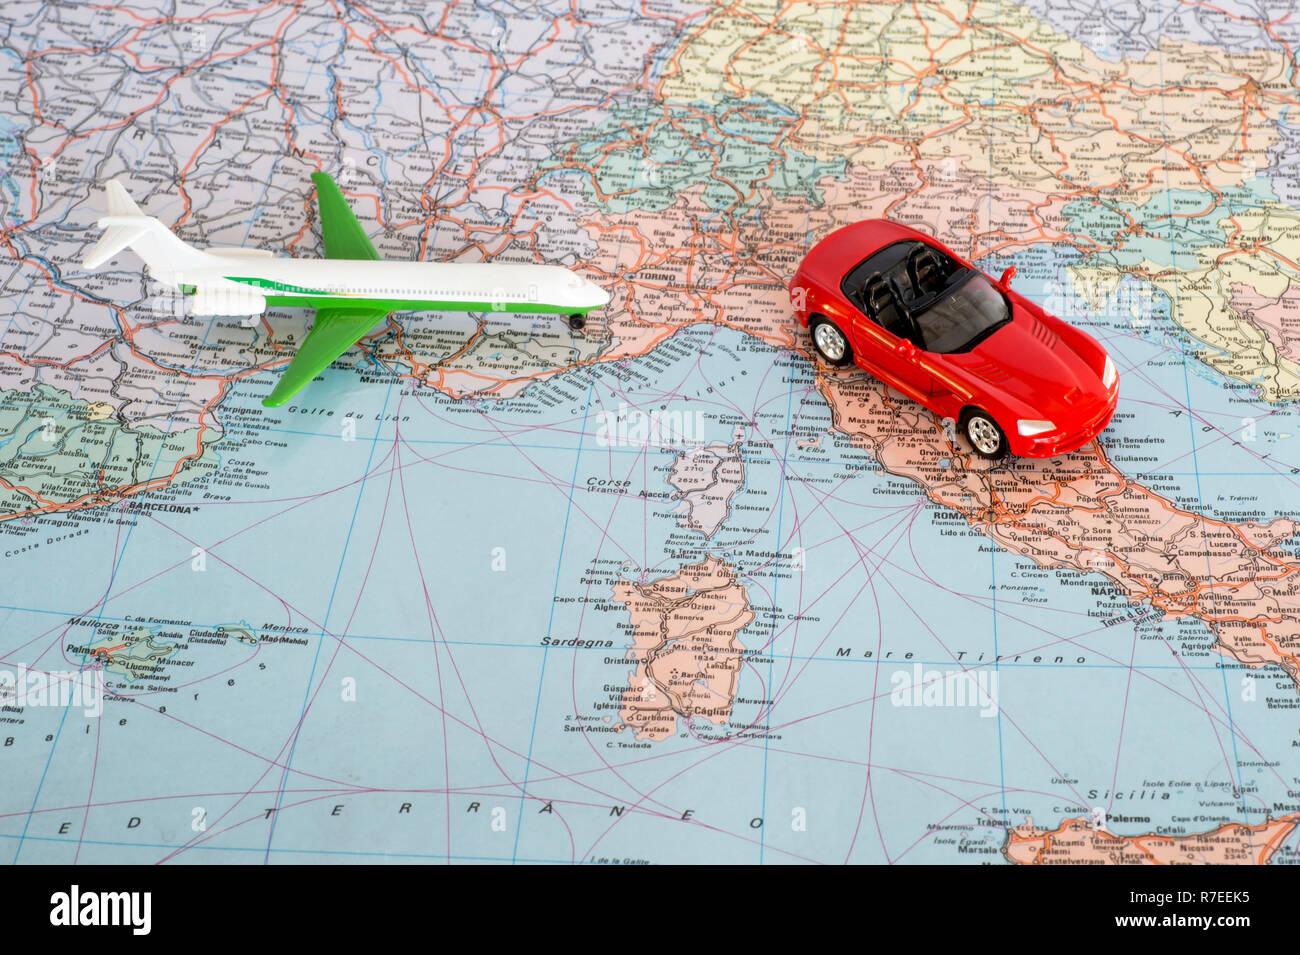 Jouet L'europe Voiture Carte Sur Rouge Avion Géographique De Et La 7fyYvb6g